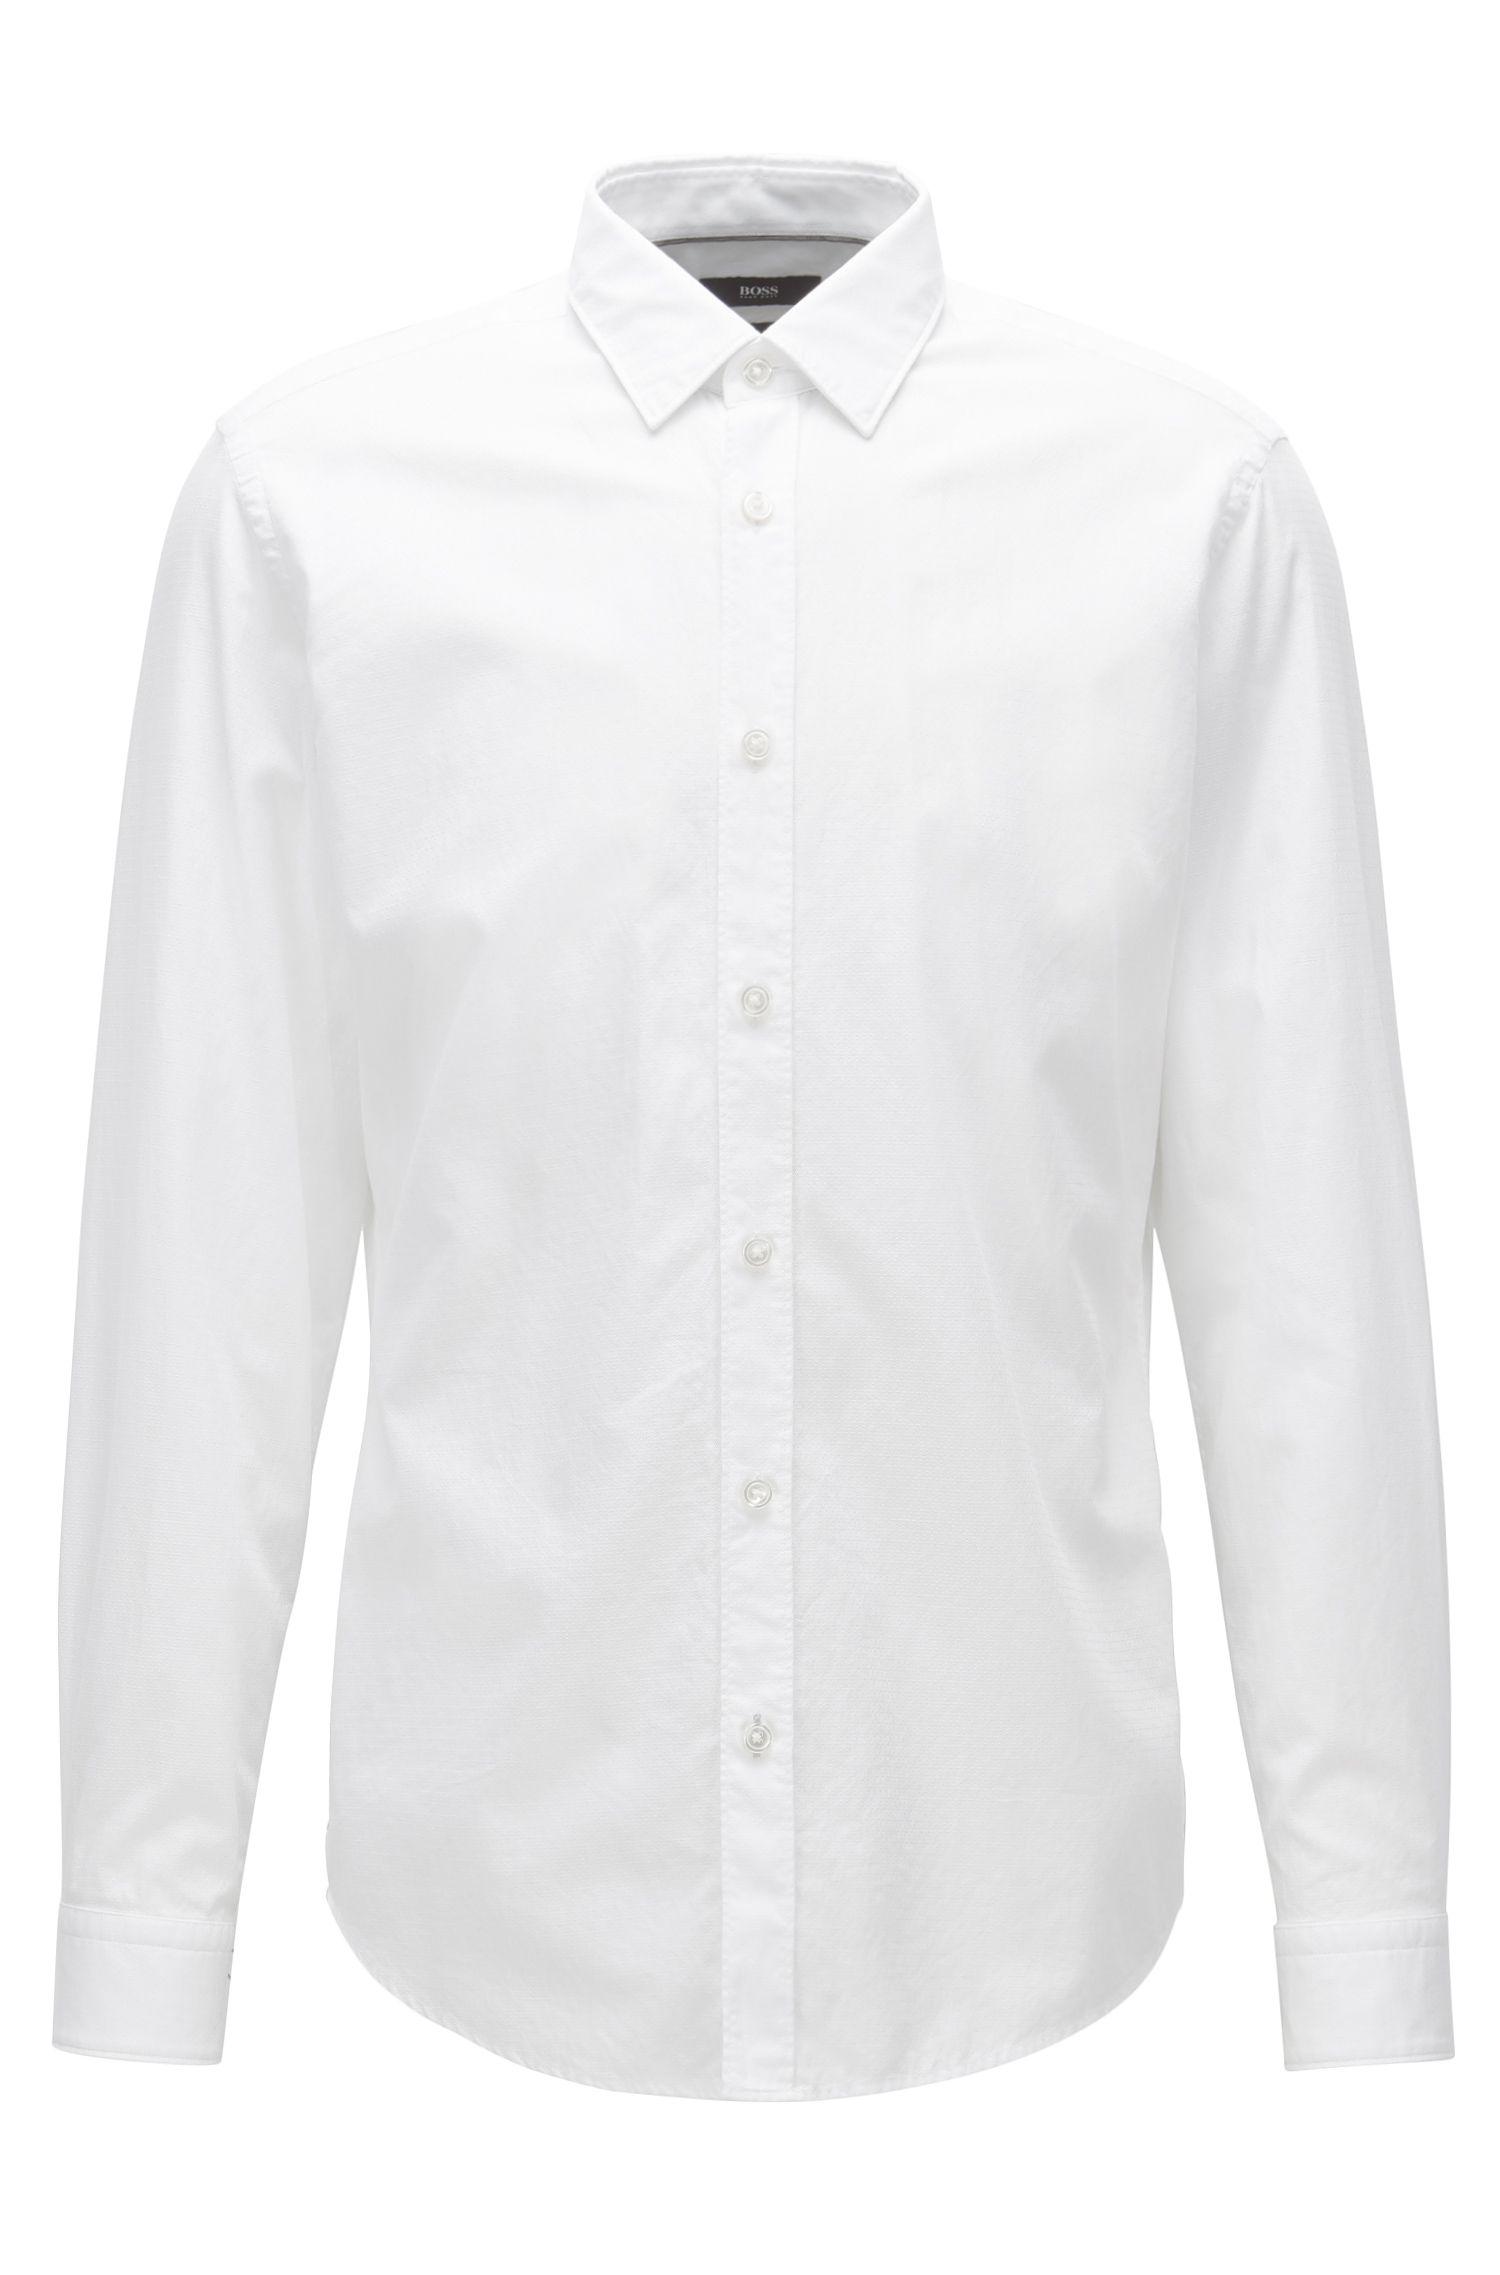 Regular-fit overhemd in een gewassen katoenjacquard